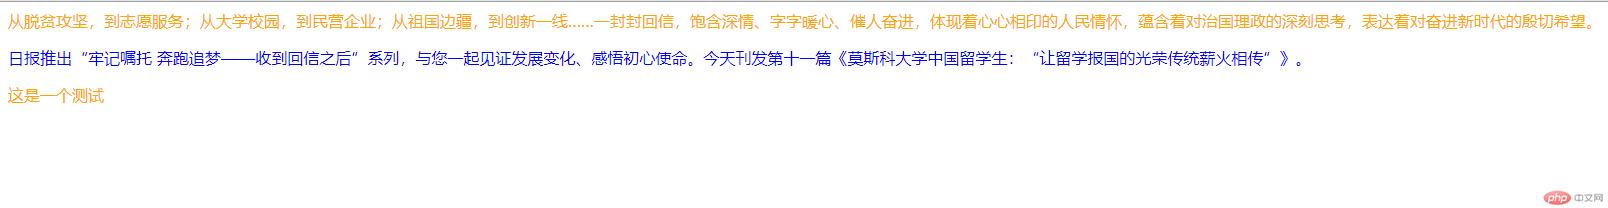 1565854679(1).jpg